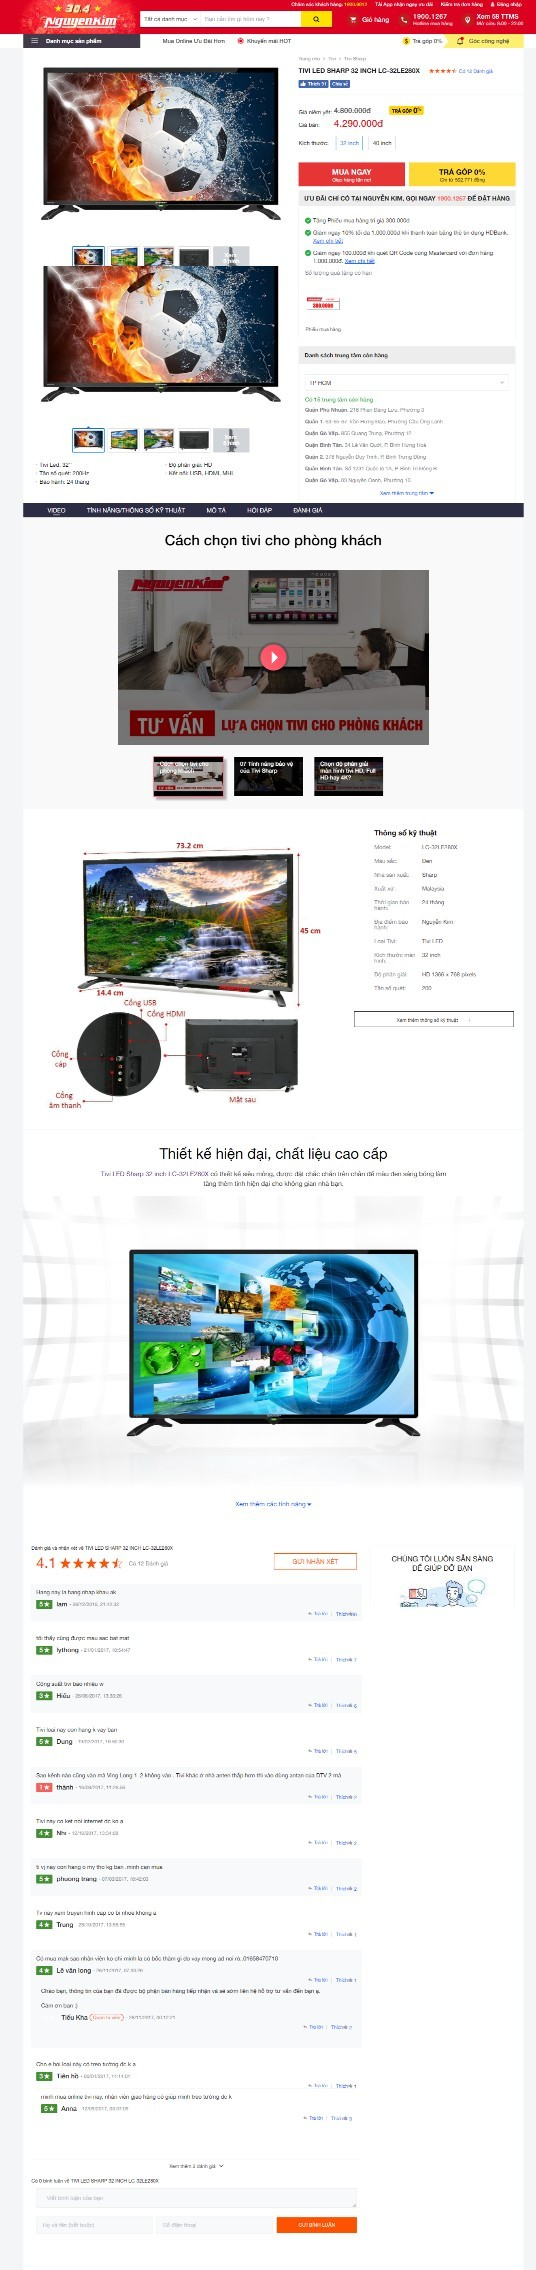 Khi chọn sản phẩm muốn xem, website sẽ hiển thị trang sản phẩm